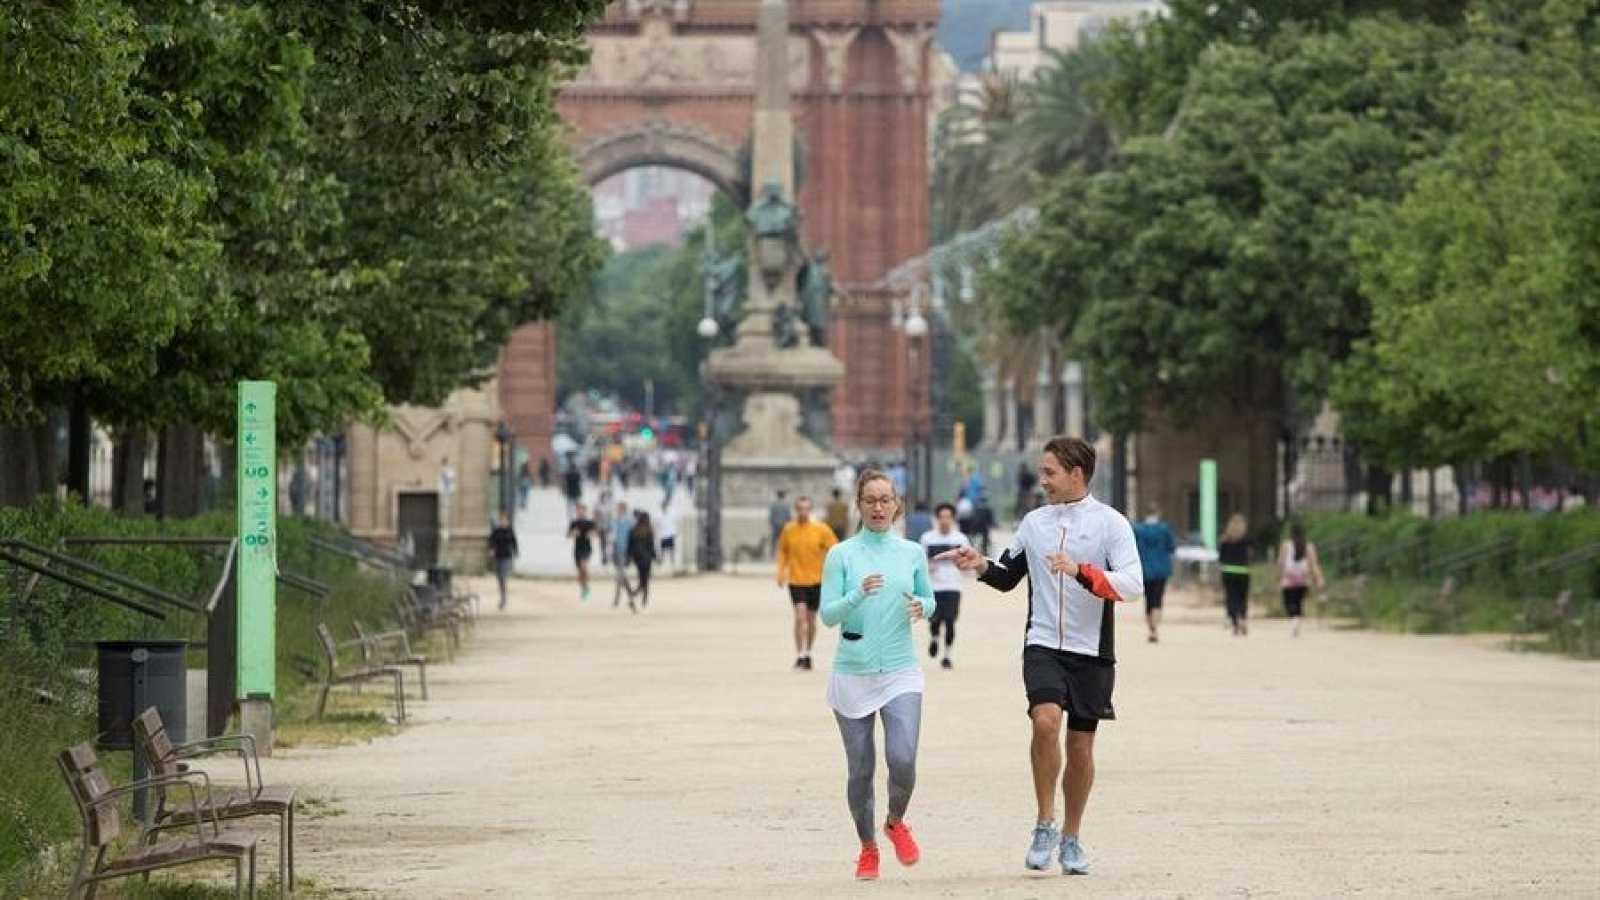 Decenas de ciudadanos practican deporte por el parque de la Ciutadella de Barcelona